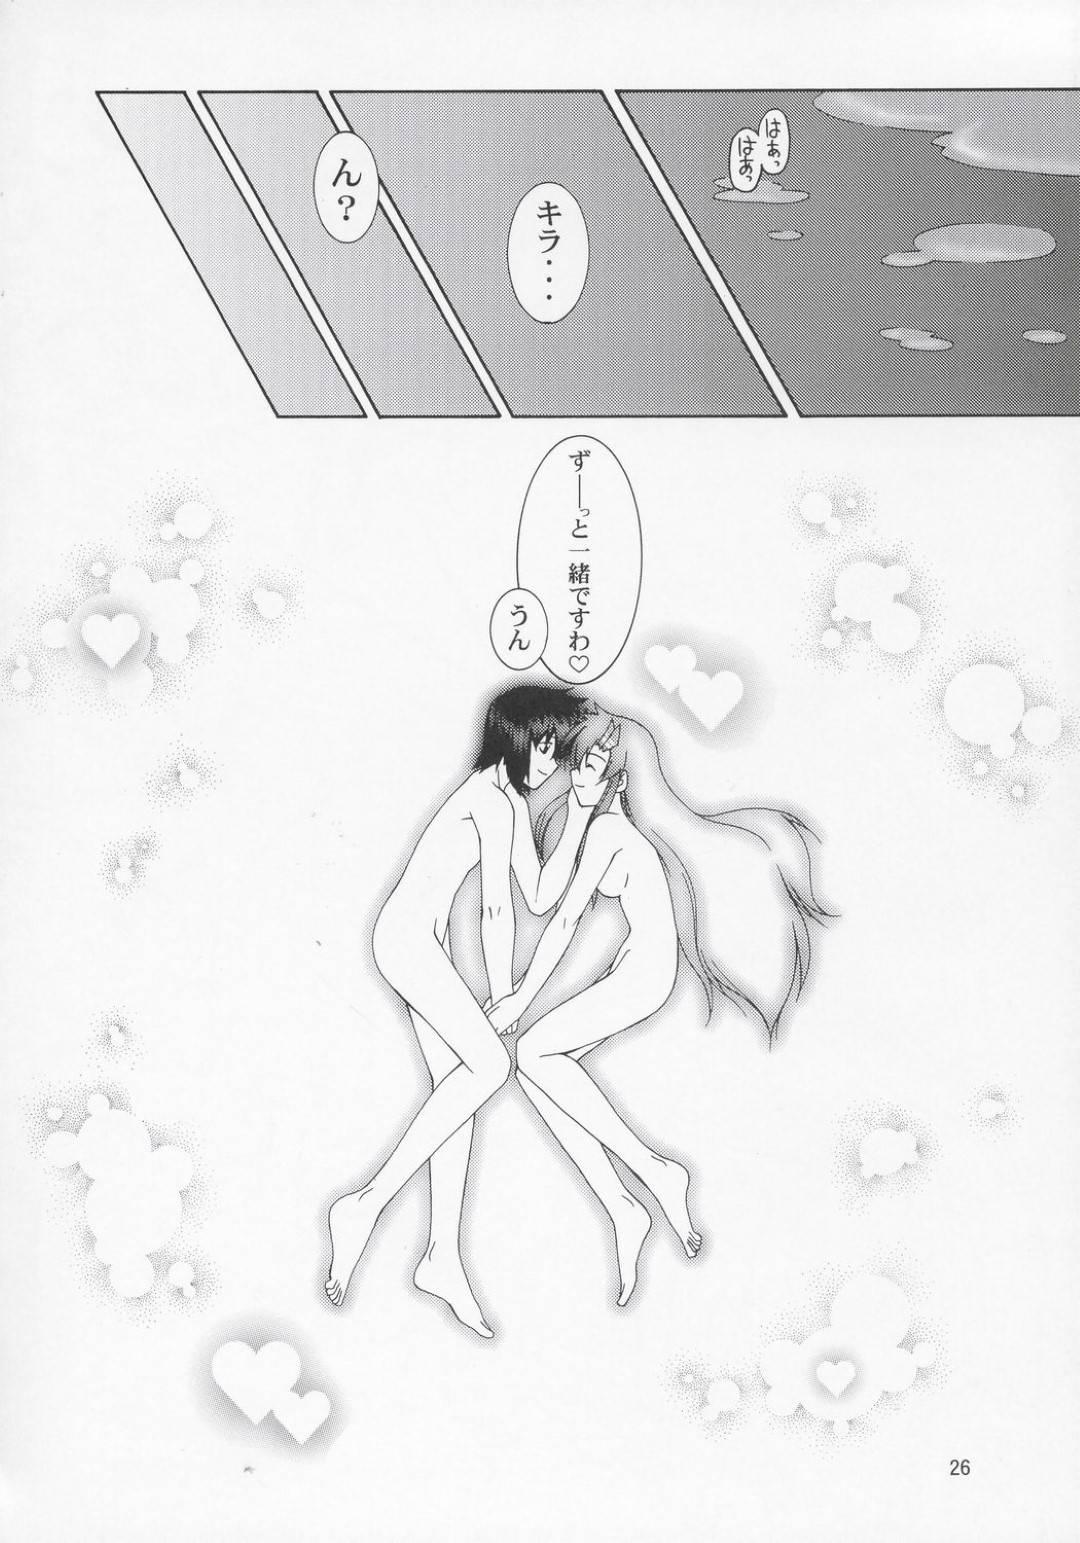 【エロ漫画】キラと二人きりの部屋でエッチな事を求められたラクス。まんざらじゃない彼女は彼に委ねるようにディープキスされ、そのまま正常位でチンポを生挿入されて中出しセックスへと発展。